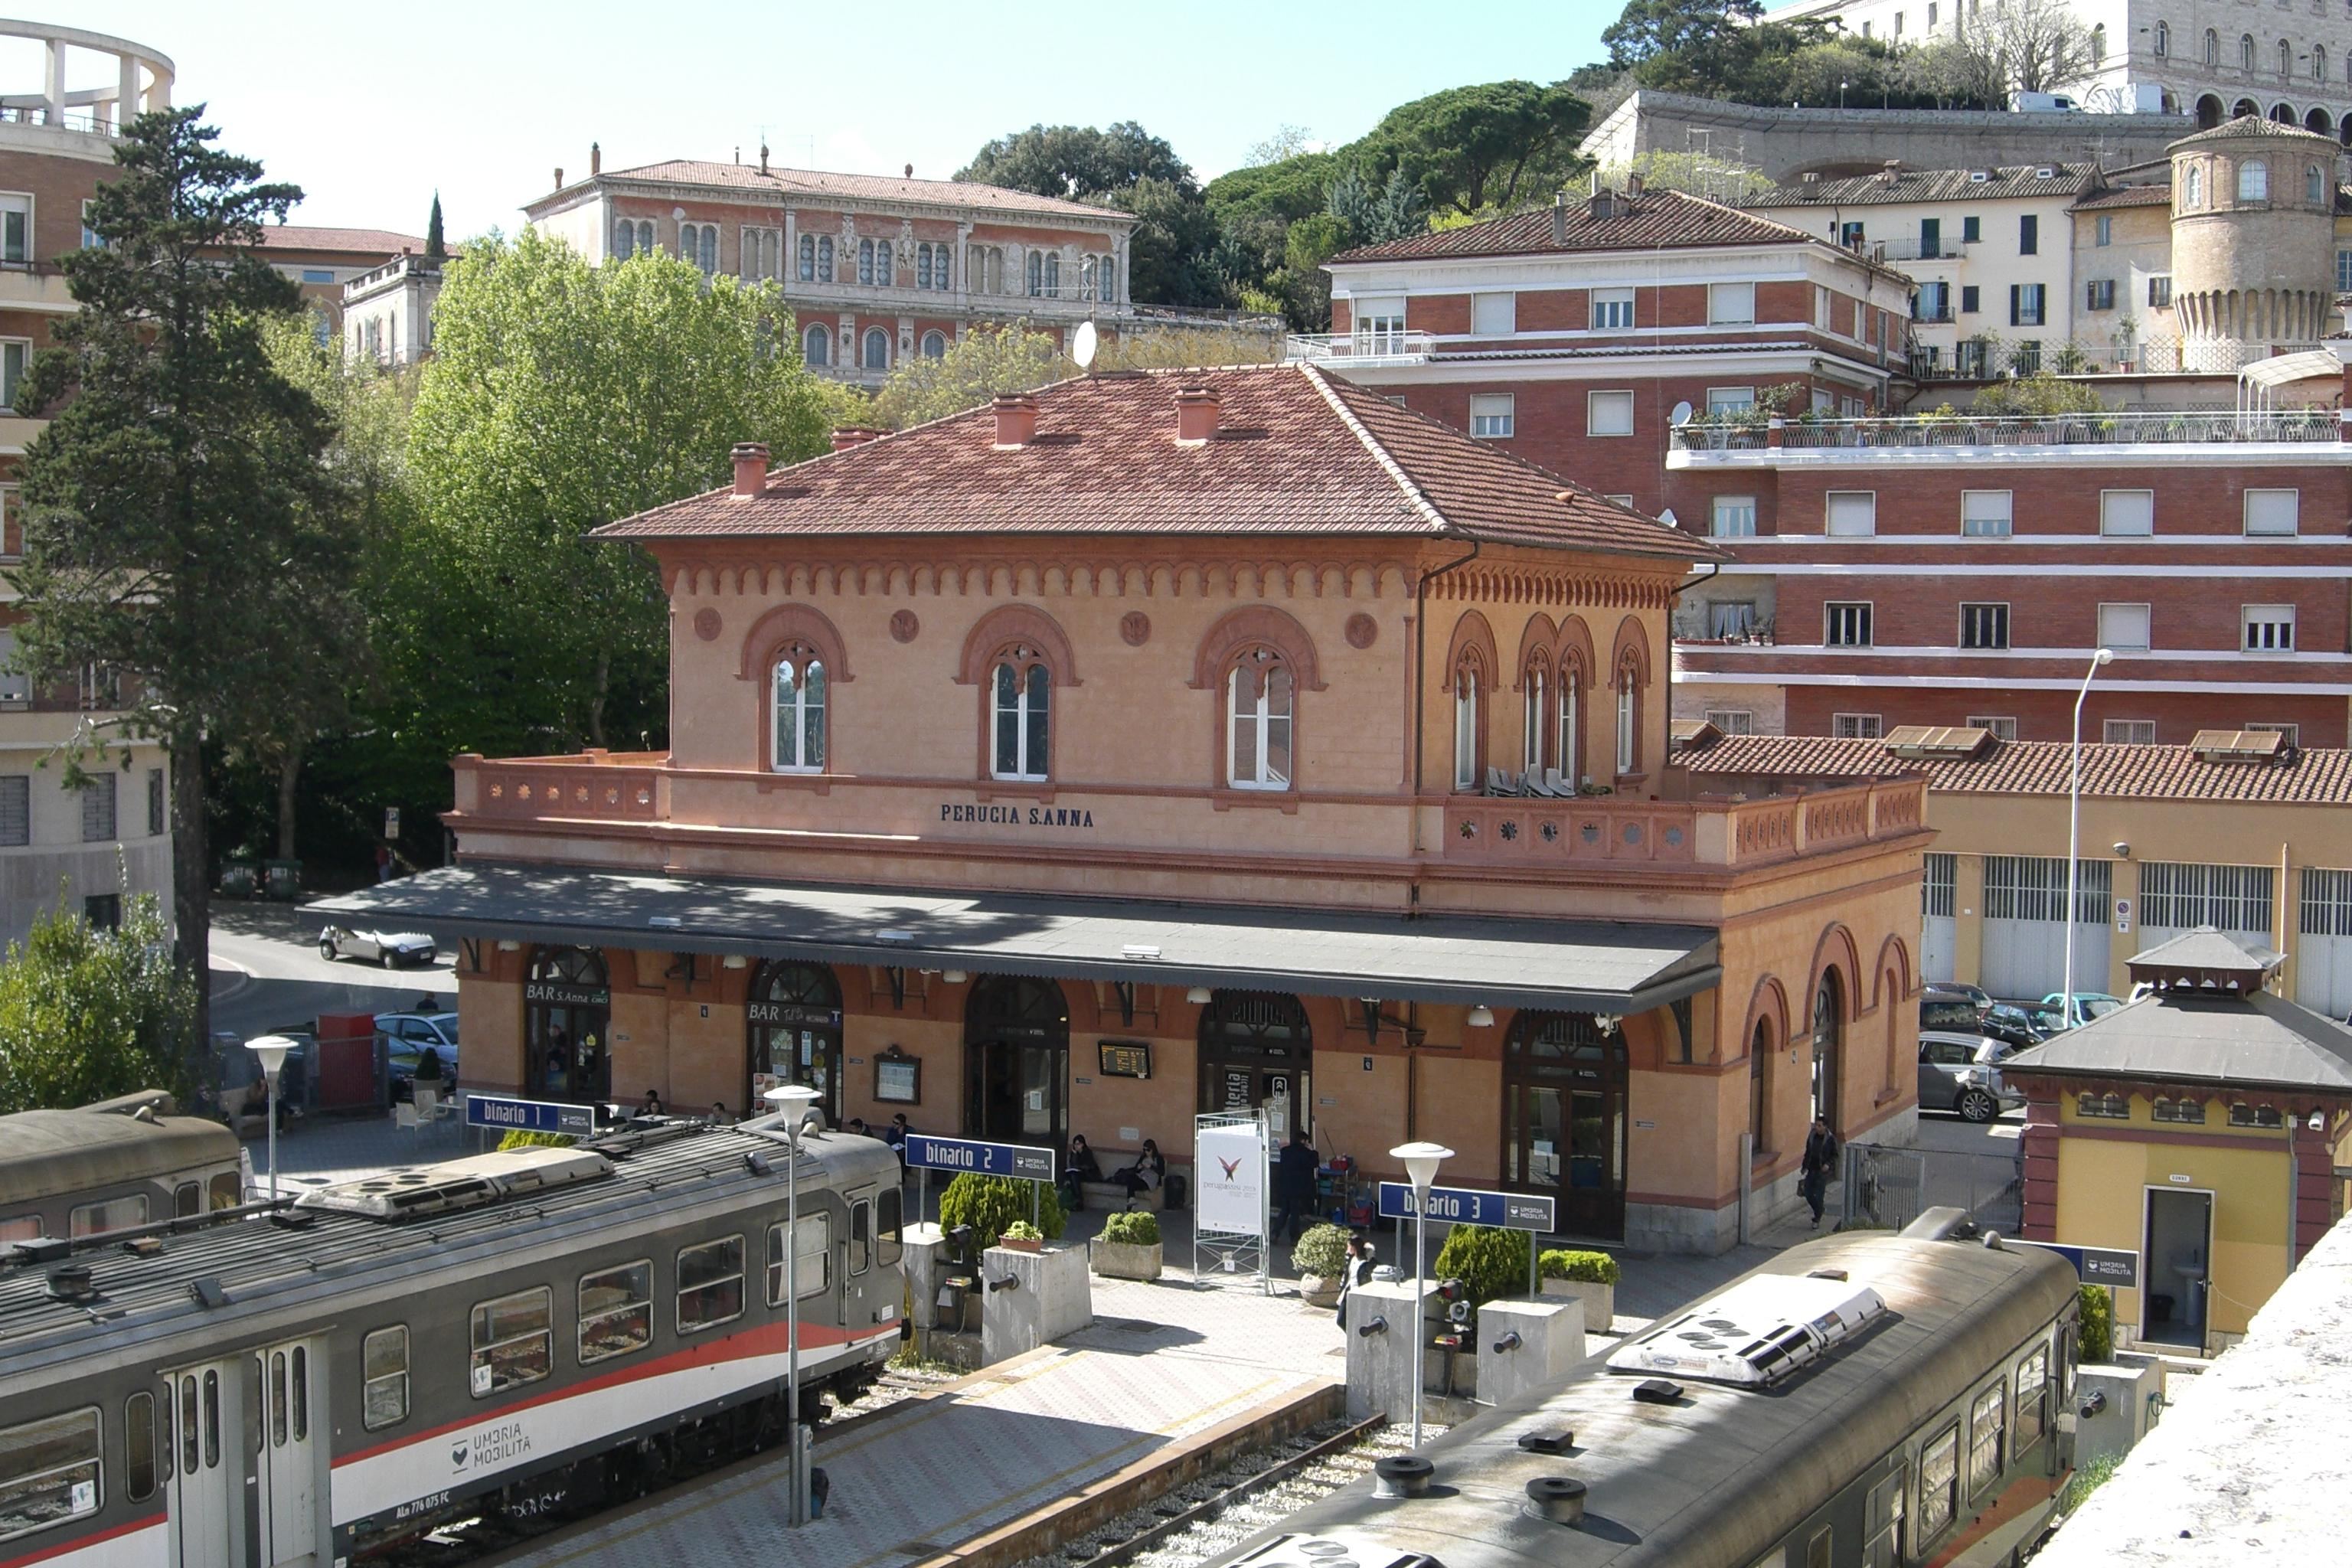 Stazione Di Perugia Sant Anna Wikipedia